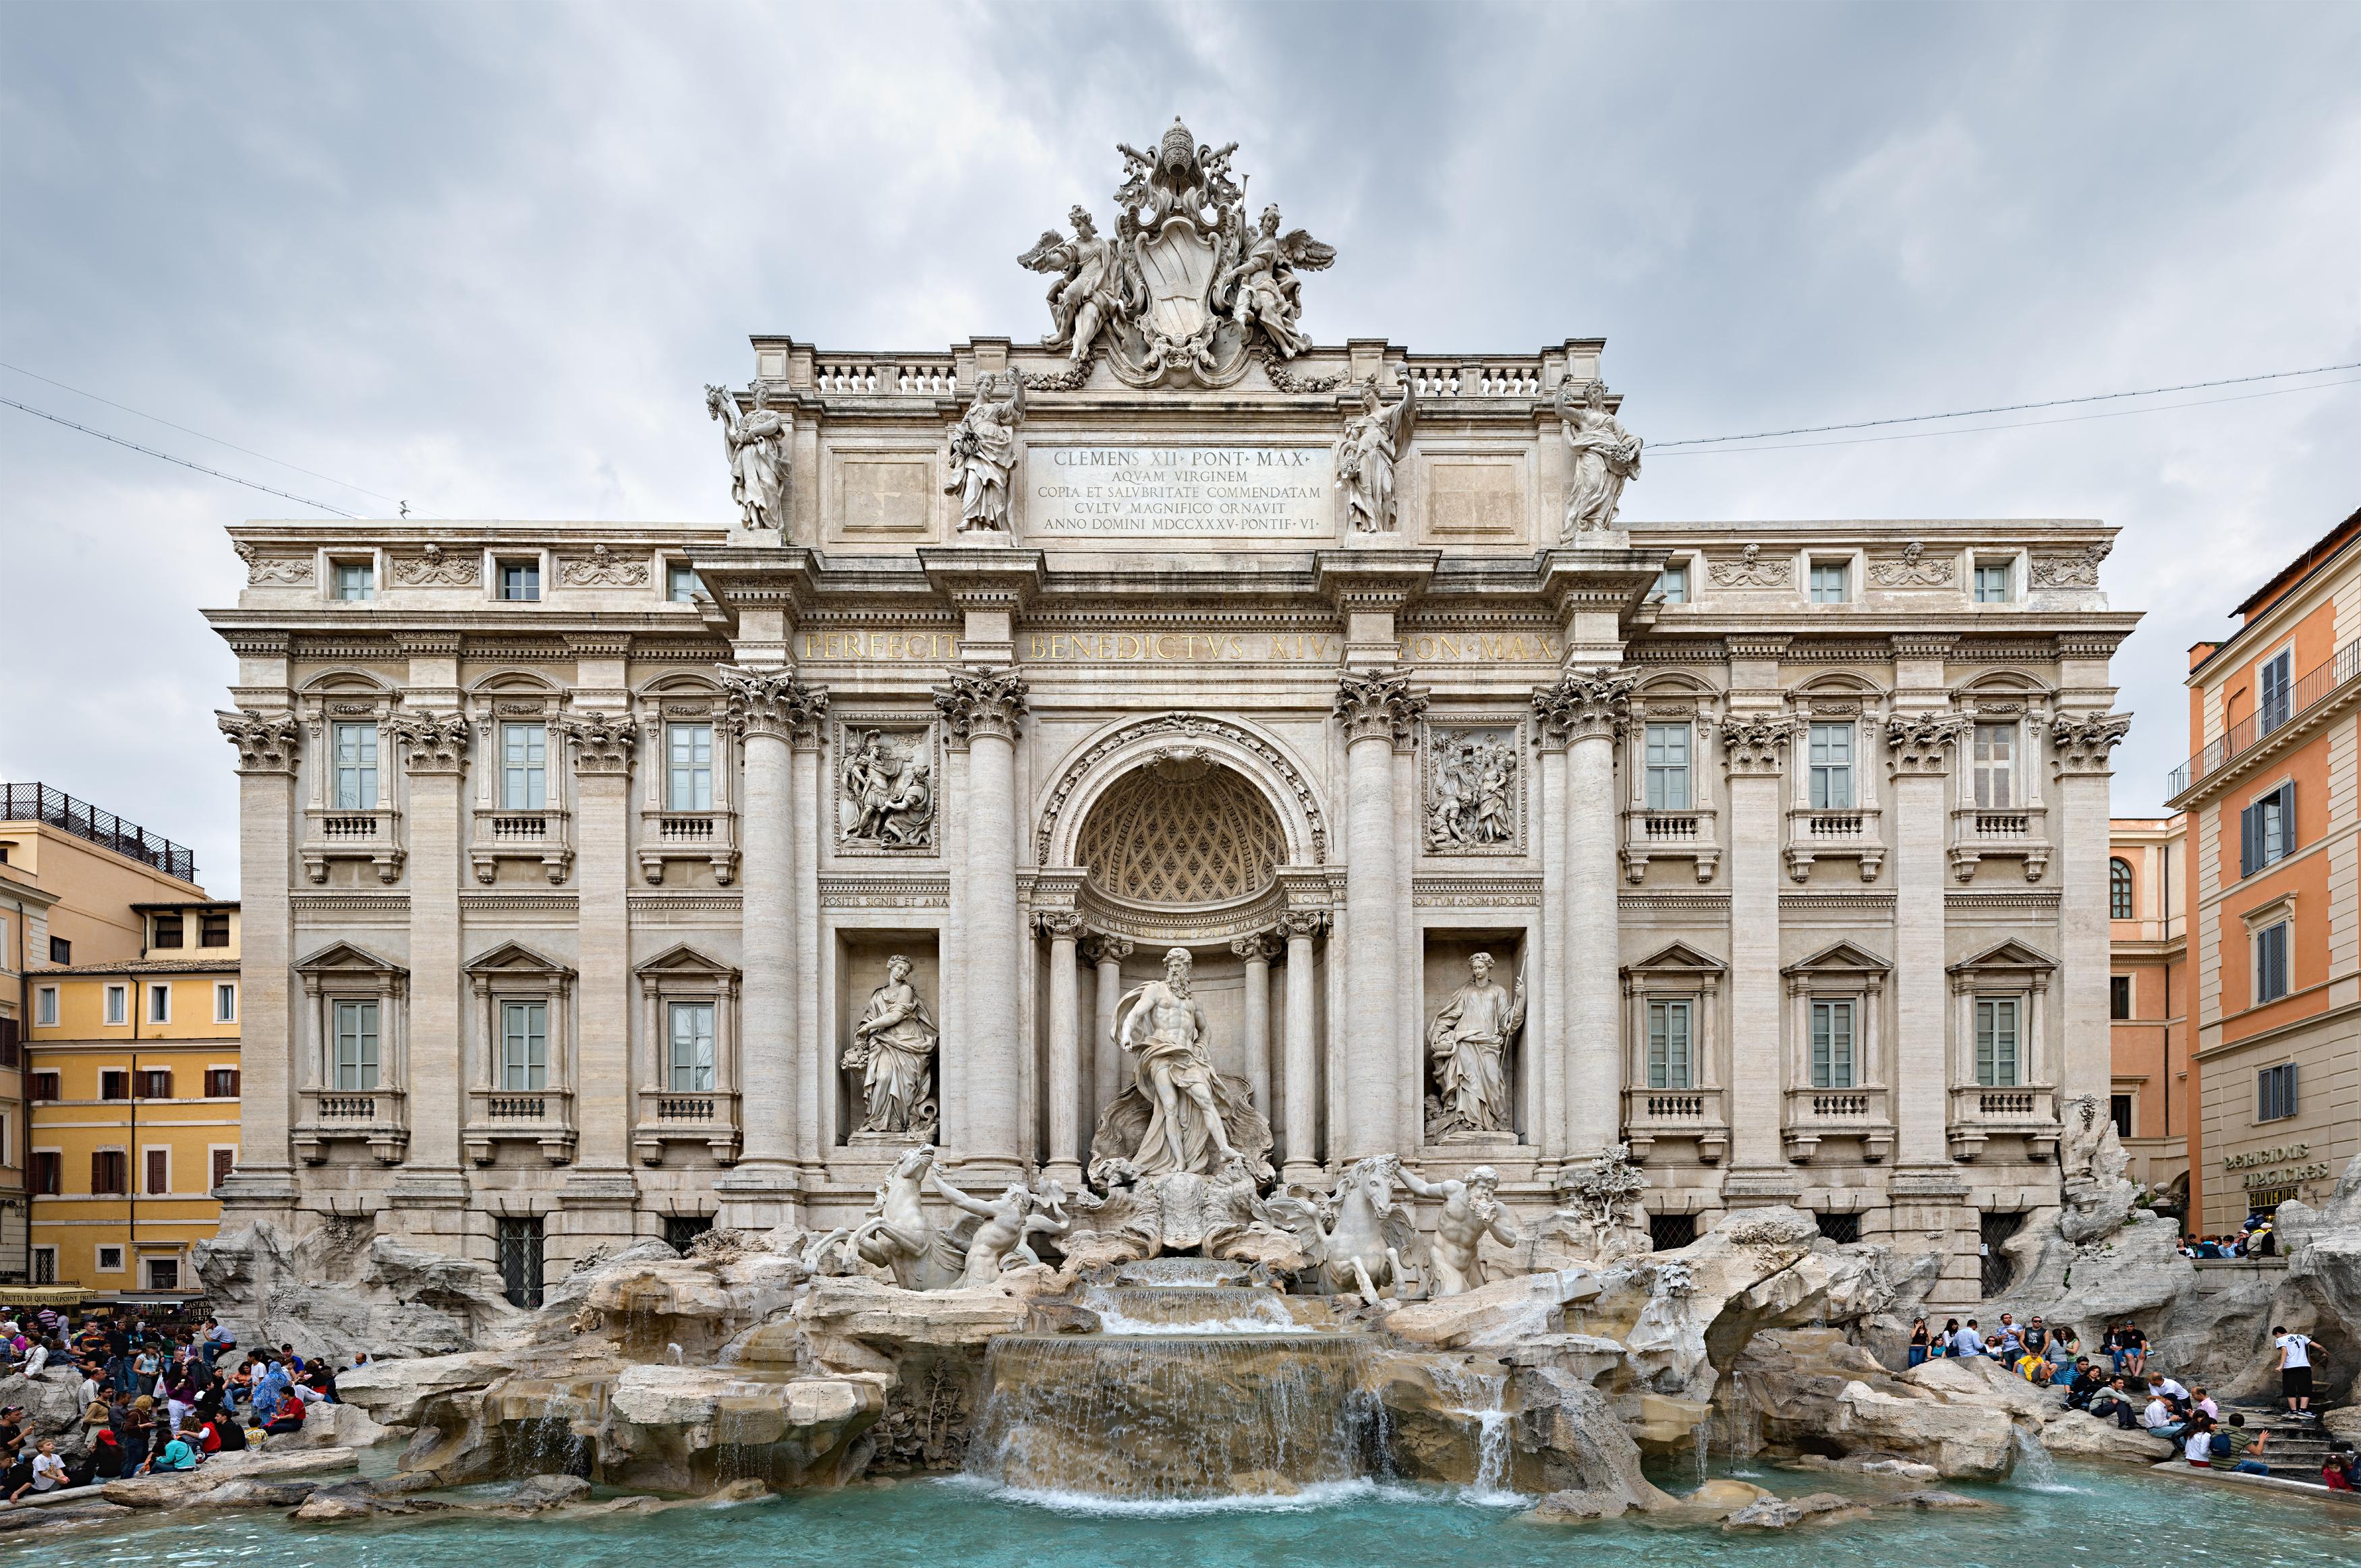 File:Trevi Fountain, Rome, Italy 2 - May 2007.jpg - Wikimedia Commons